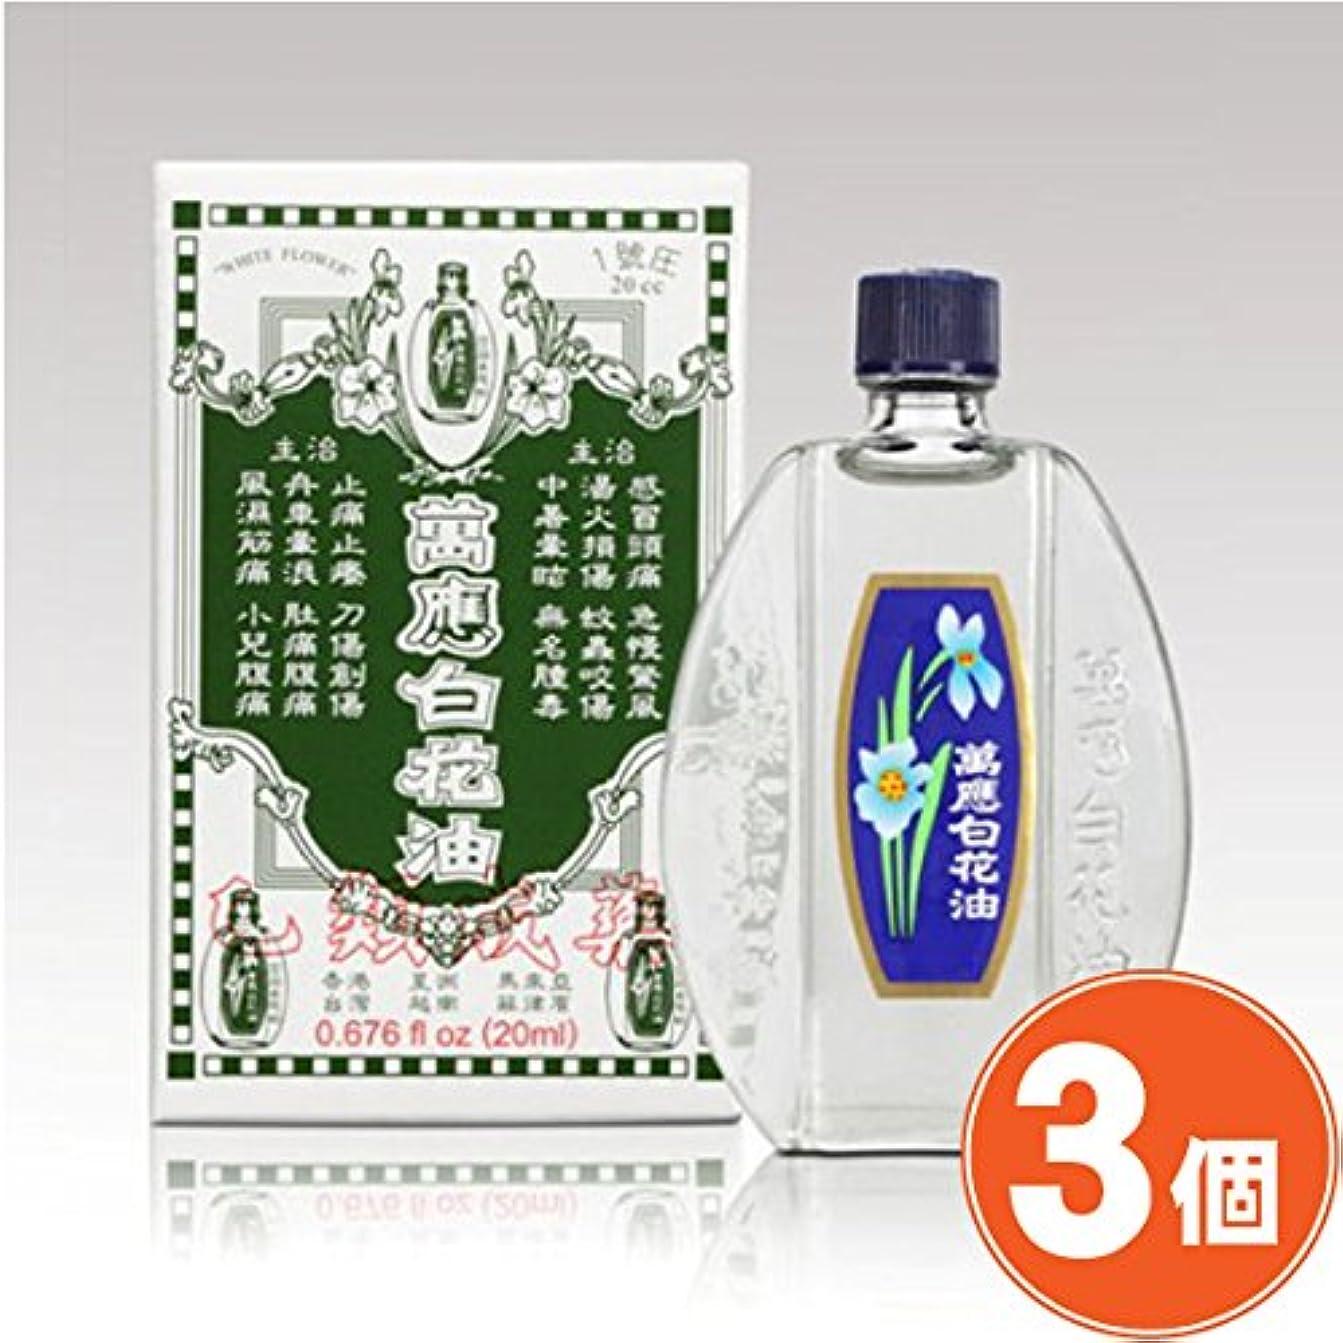 膨らませるティーンエイジャー弱める《萬應白花油》 台湾の万能アロマオイル 万能白花油 20ml × 3個《台湾 お土産》 [並行輸入品]